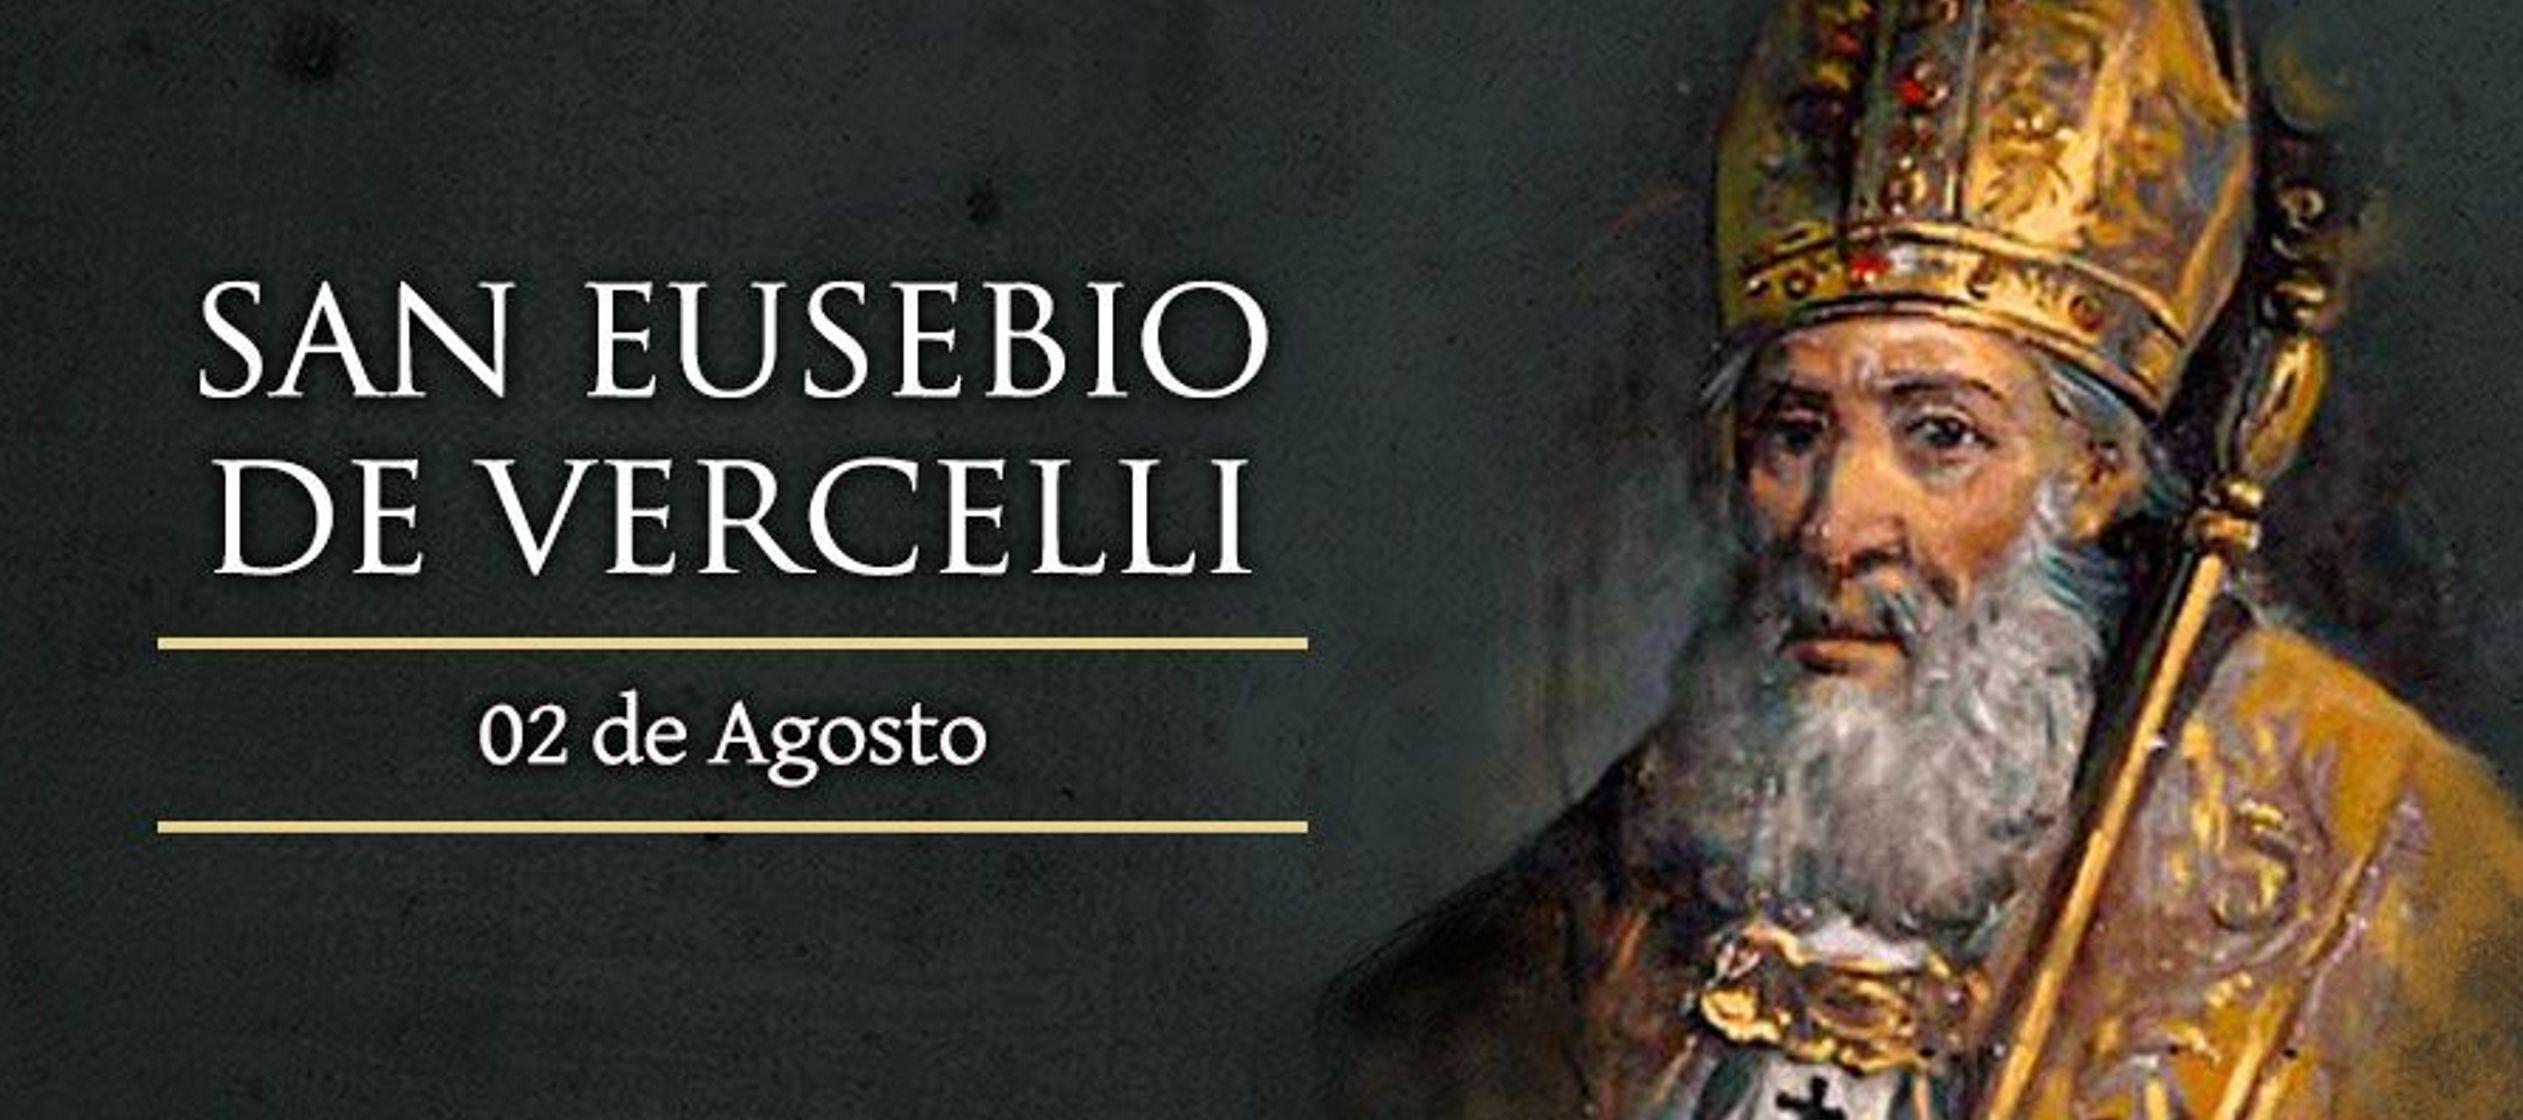 Nació en Cerdeña, Italia. Al morir su padre, su madre lo llevó a vivir a Roma,...